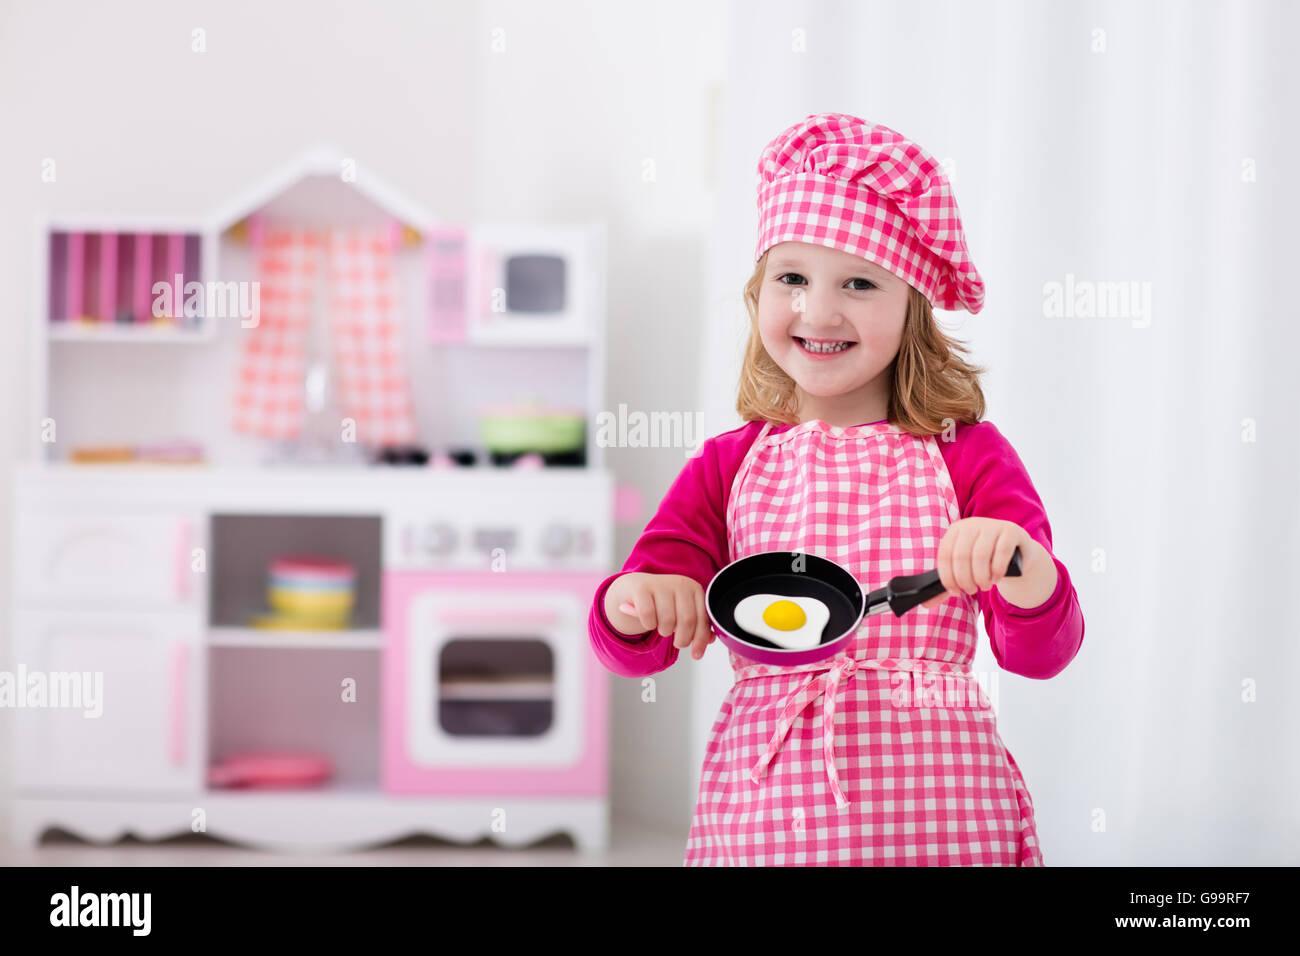 Niña y Niño en chef hat delantal y cocinar en una cocina de juguete ...